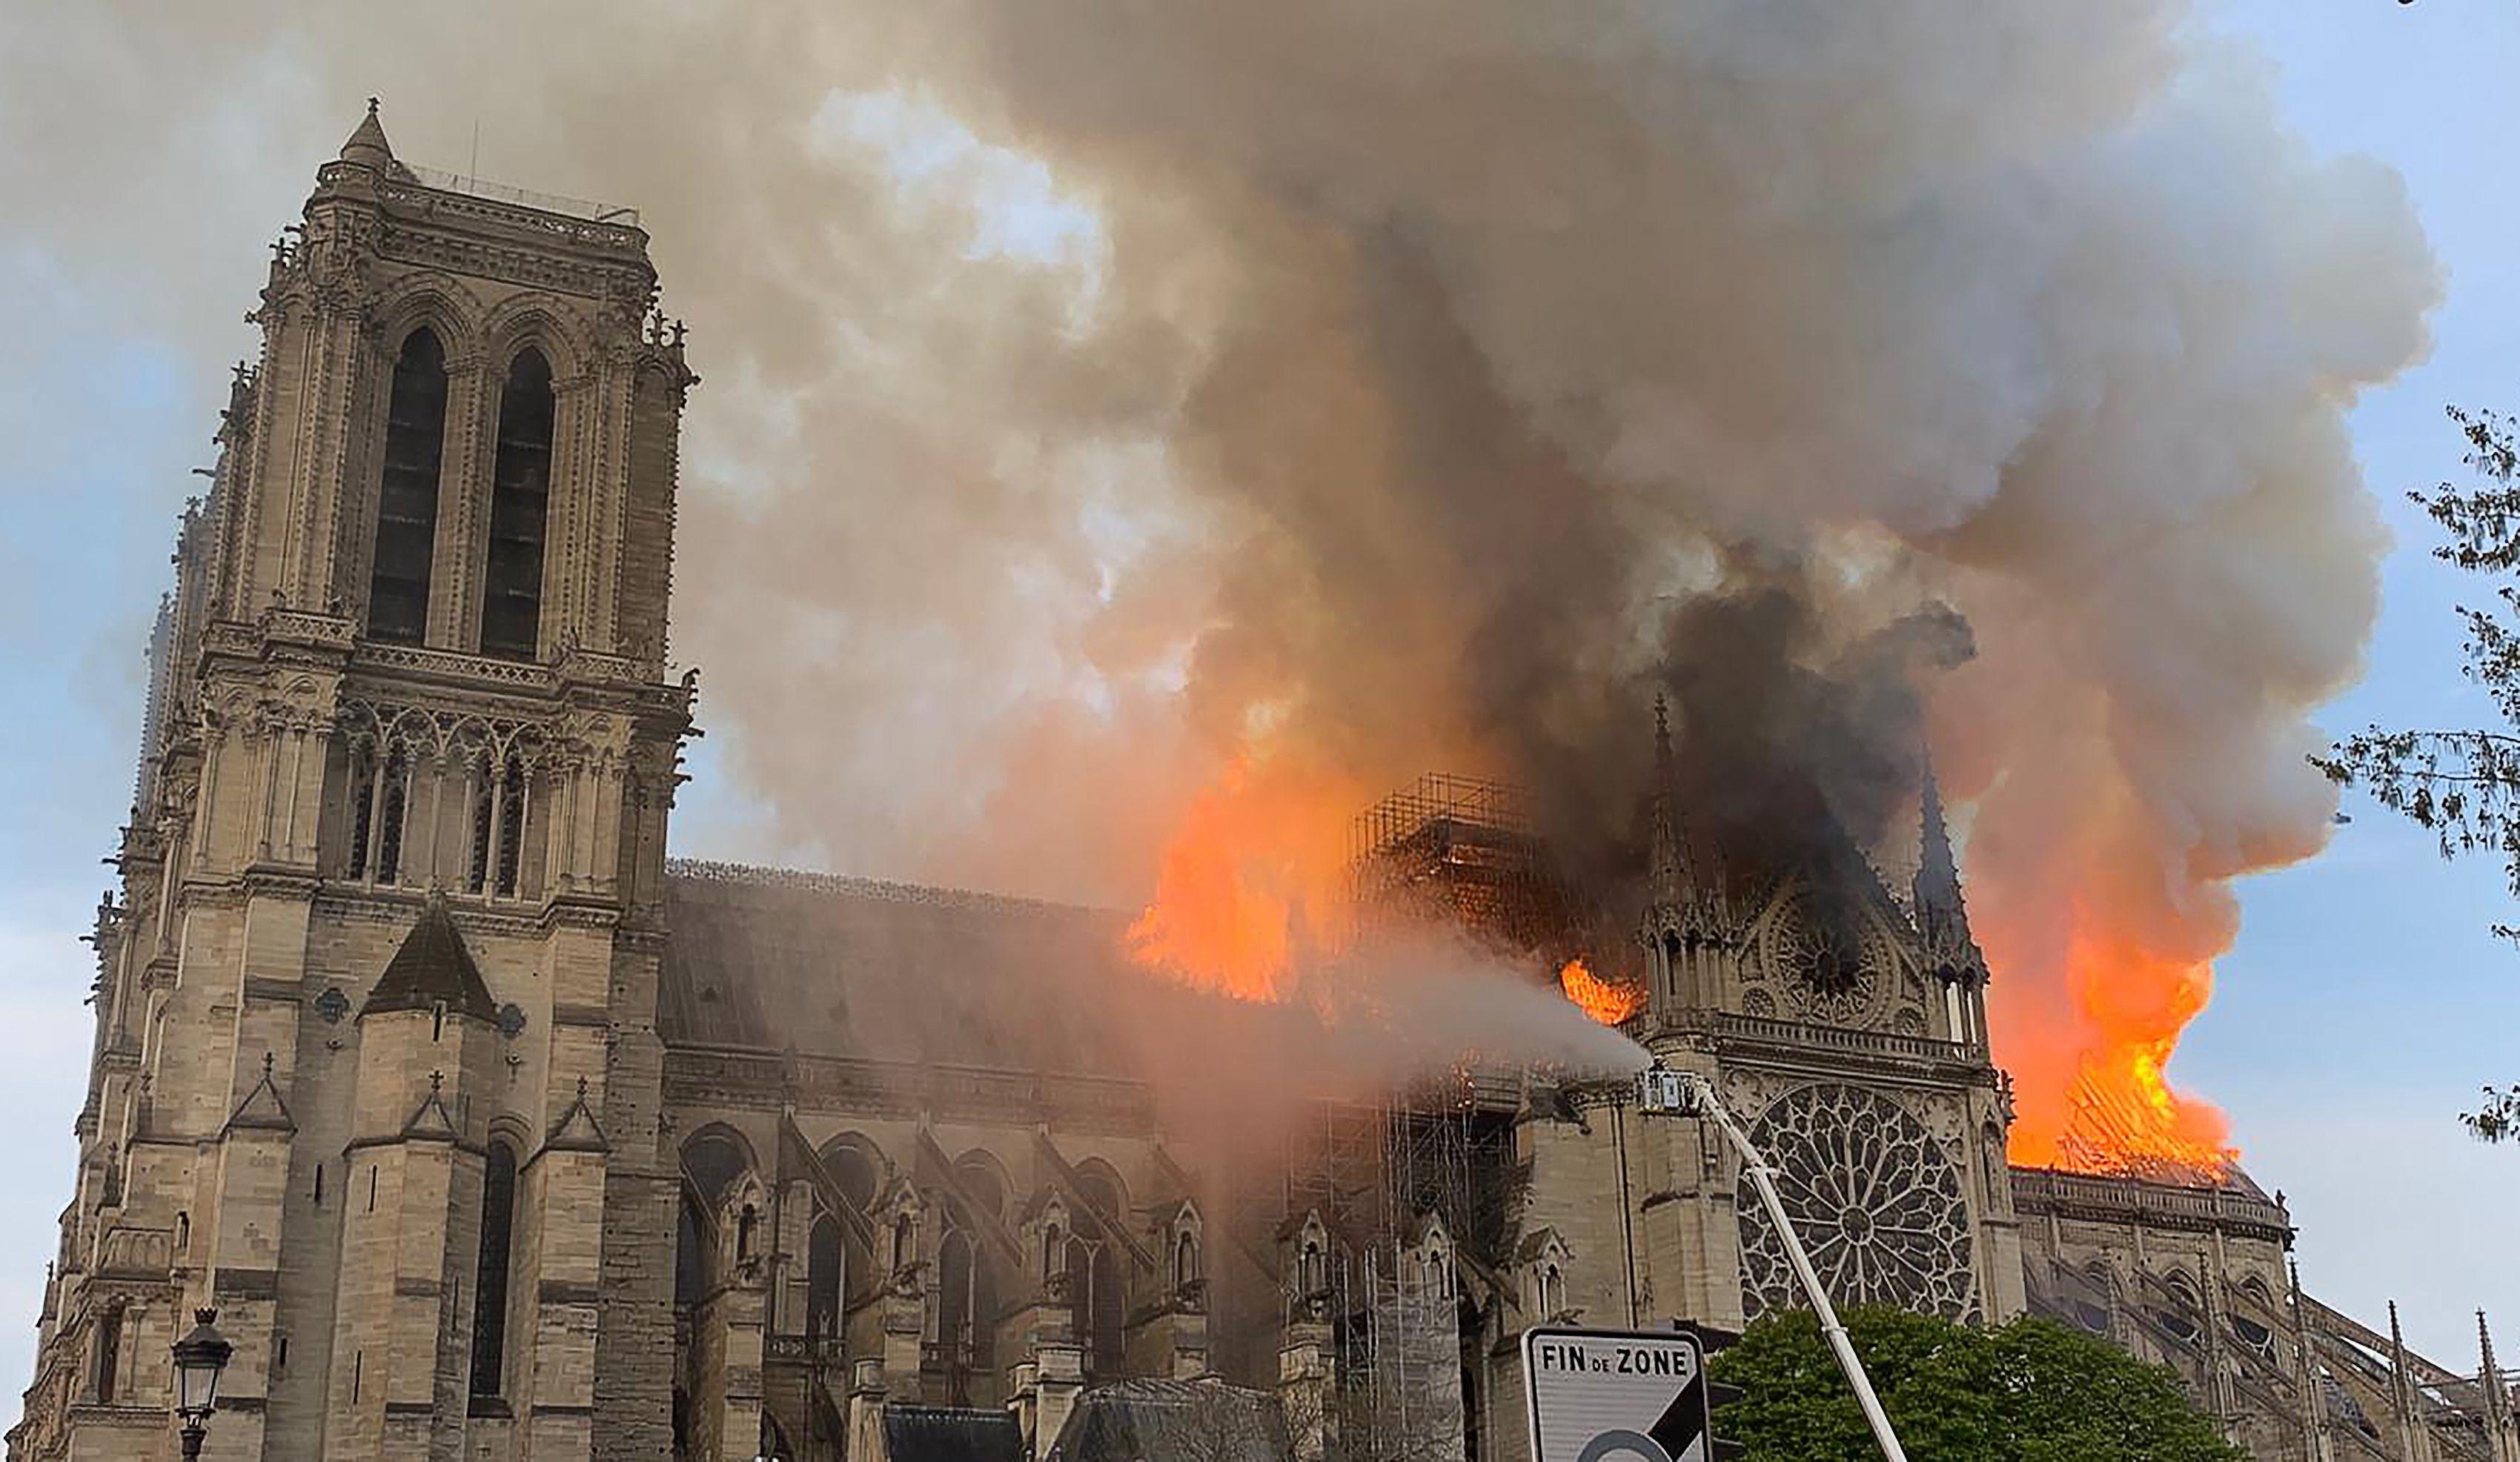 Wznowienie prac remontowych w paryskiej katedrze Notre Dame zostało odłożone o tydzień